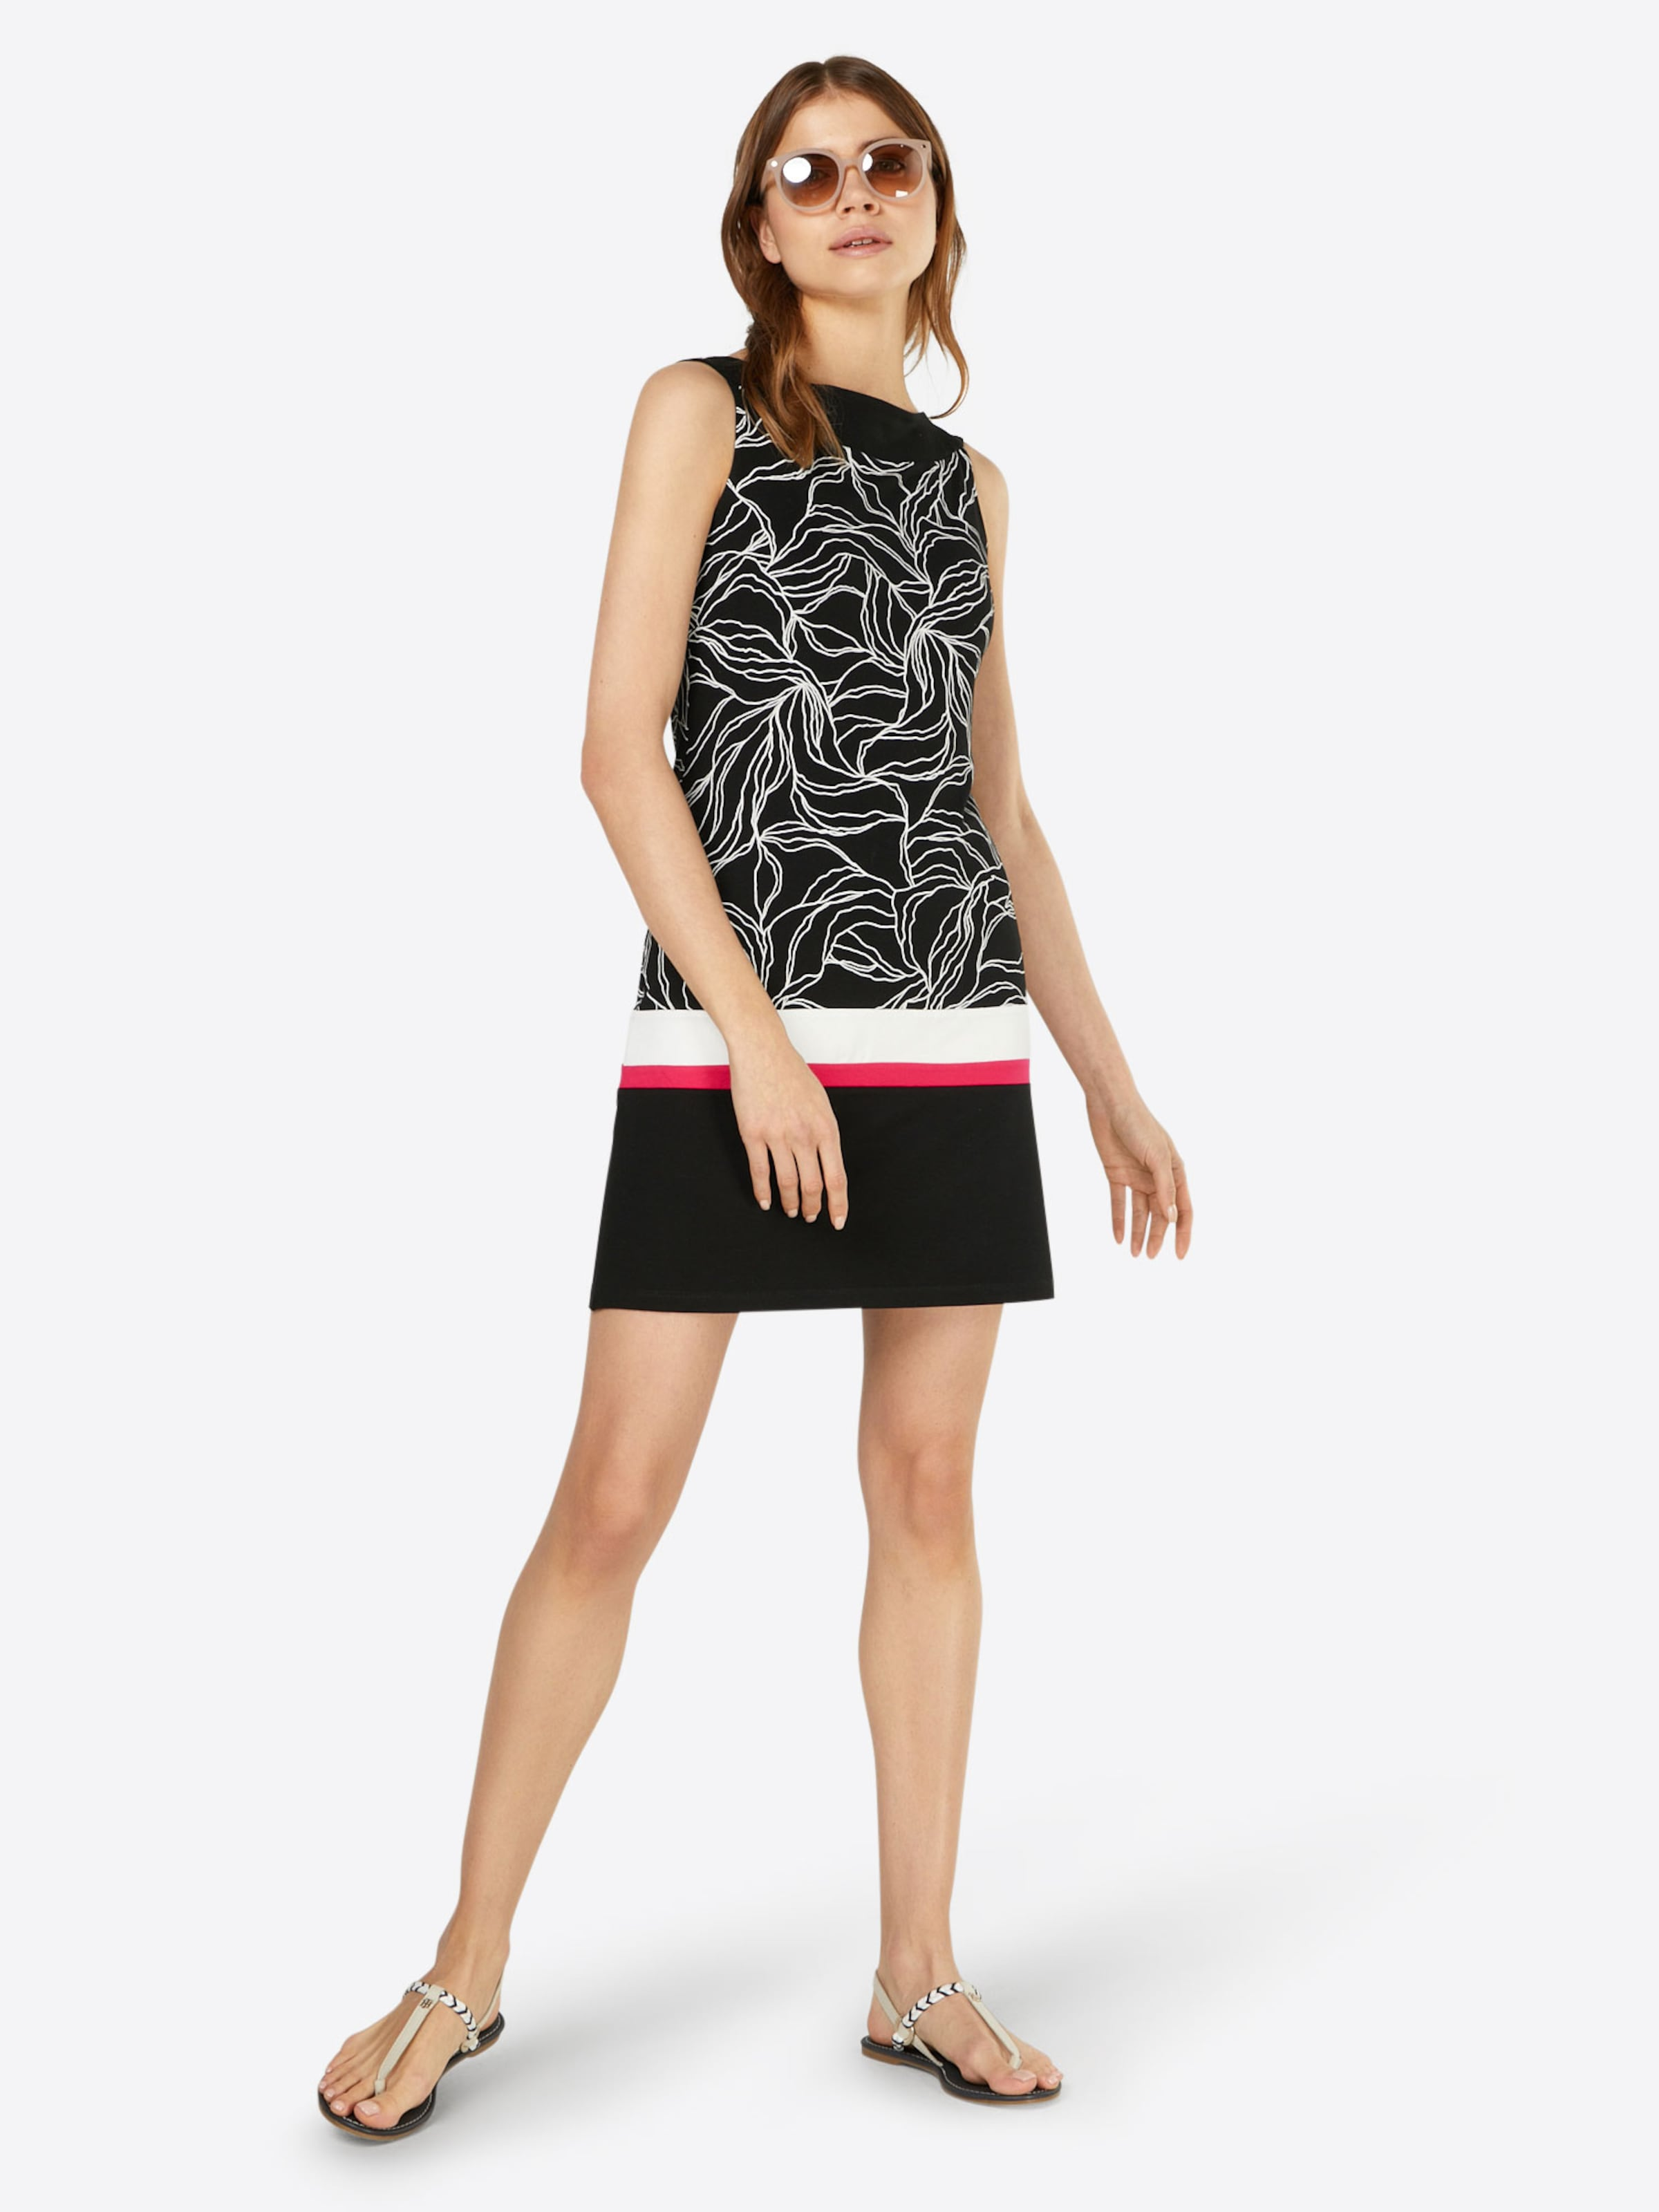 Perfekt Günstig Kaufen Freies Verschiffen s.Oliver BLACK LABEL Ärmelloses Kleid Rabatt  Wo Sie Finden Können Auslass hJiYJihJ